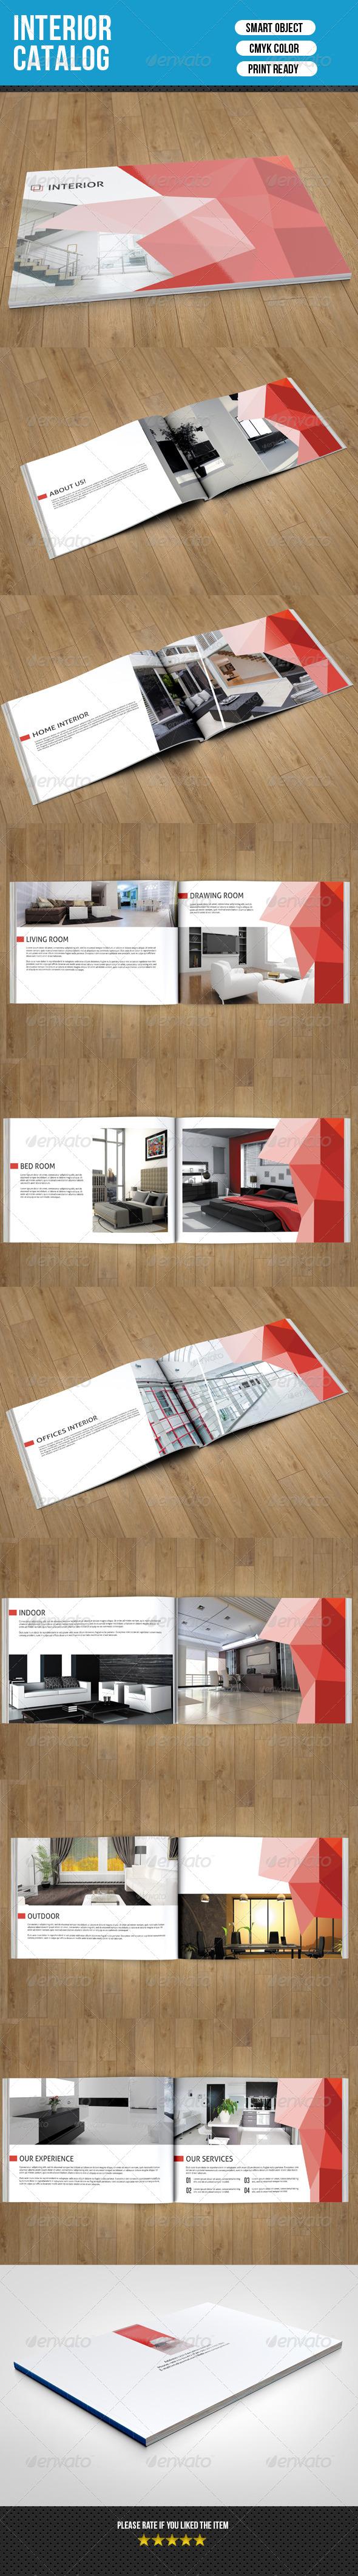 GraphicRiver Interior Catalog Template-V08 7870444